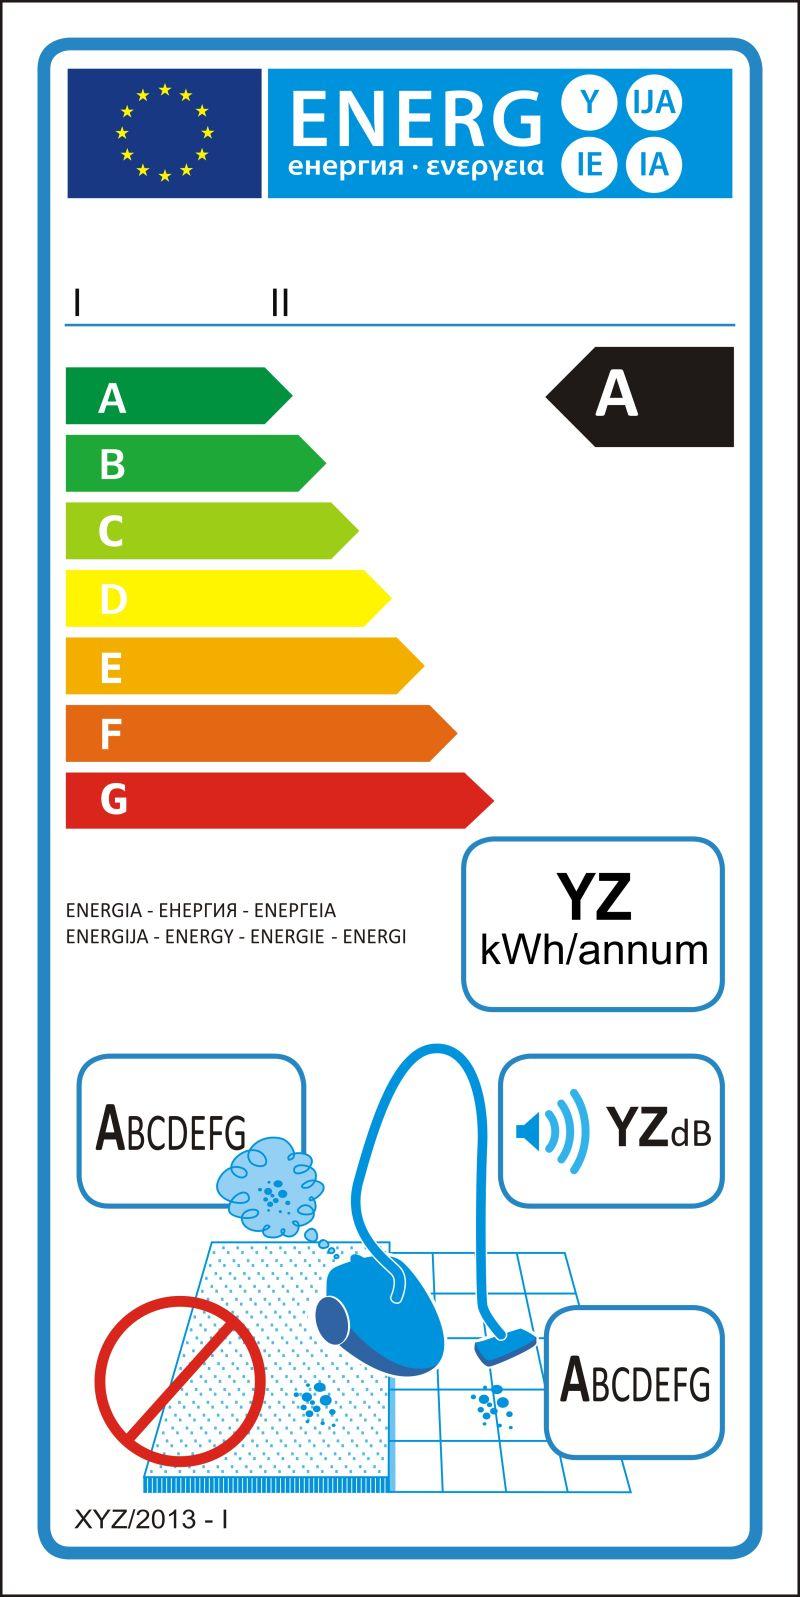 硬质地板真空吸尘器新能源等级矢量图标签